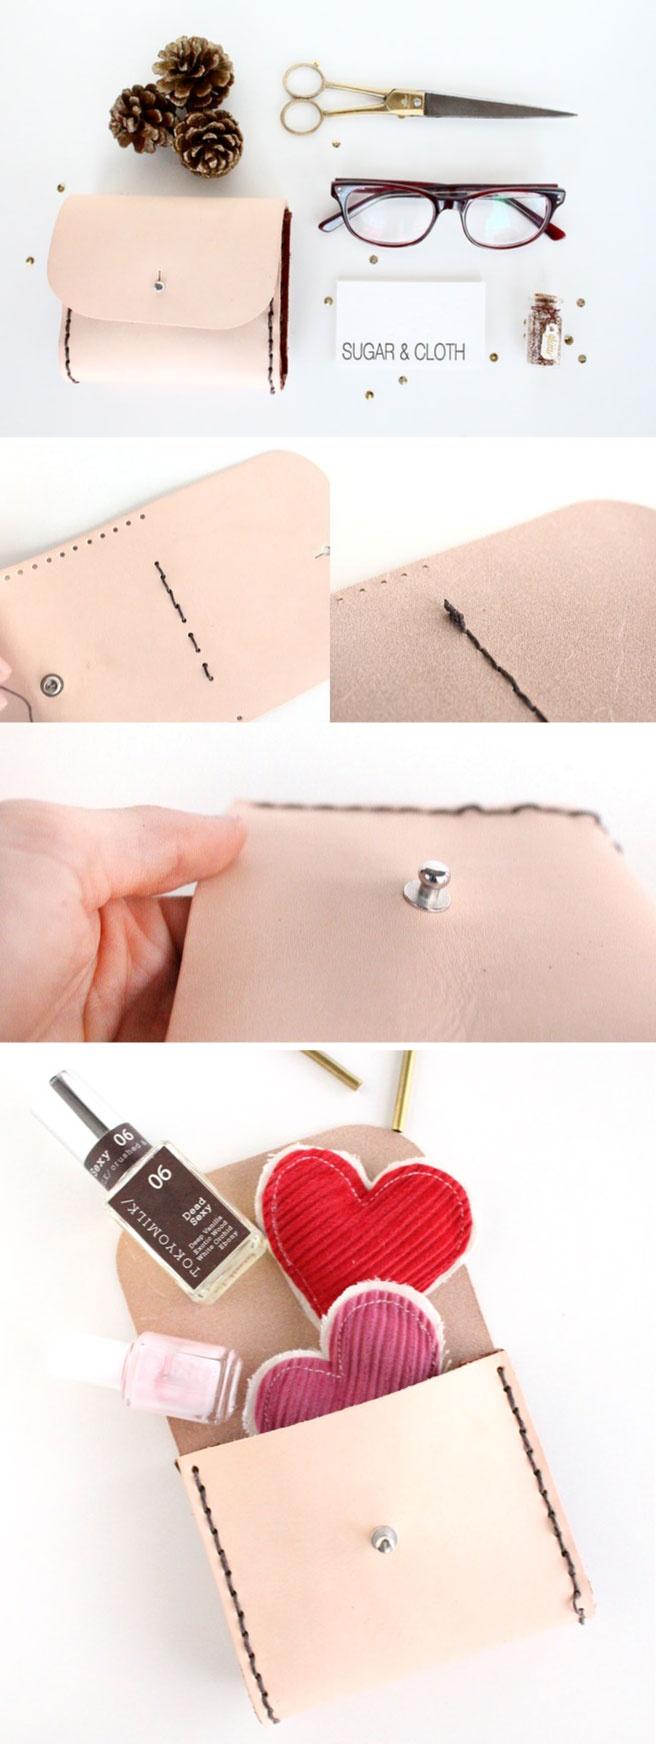 DIY : Leather Pouch by @Ashley Rose / Sugar & Cloth